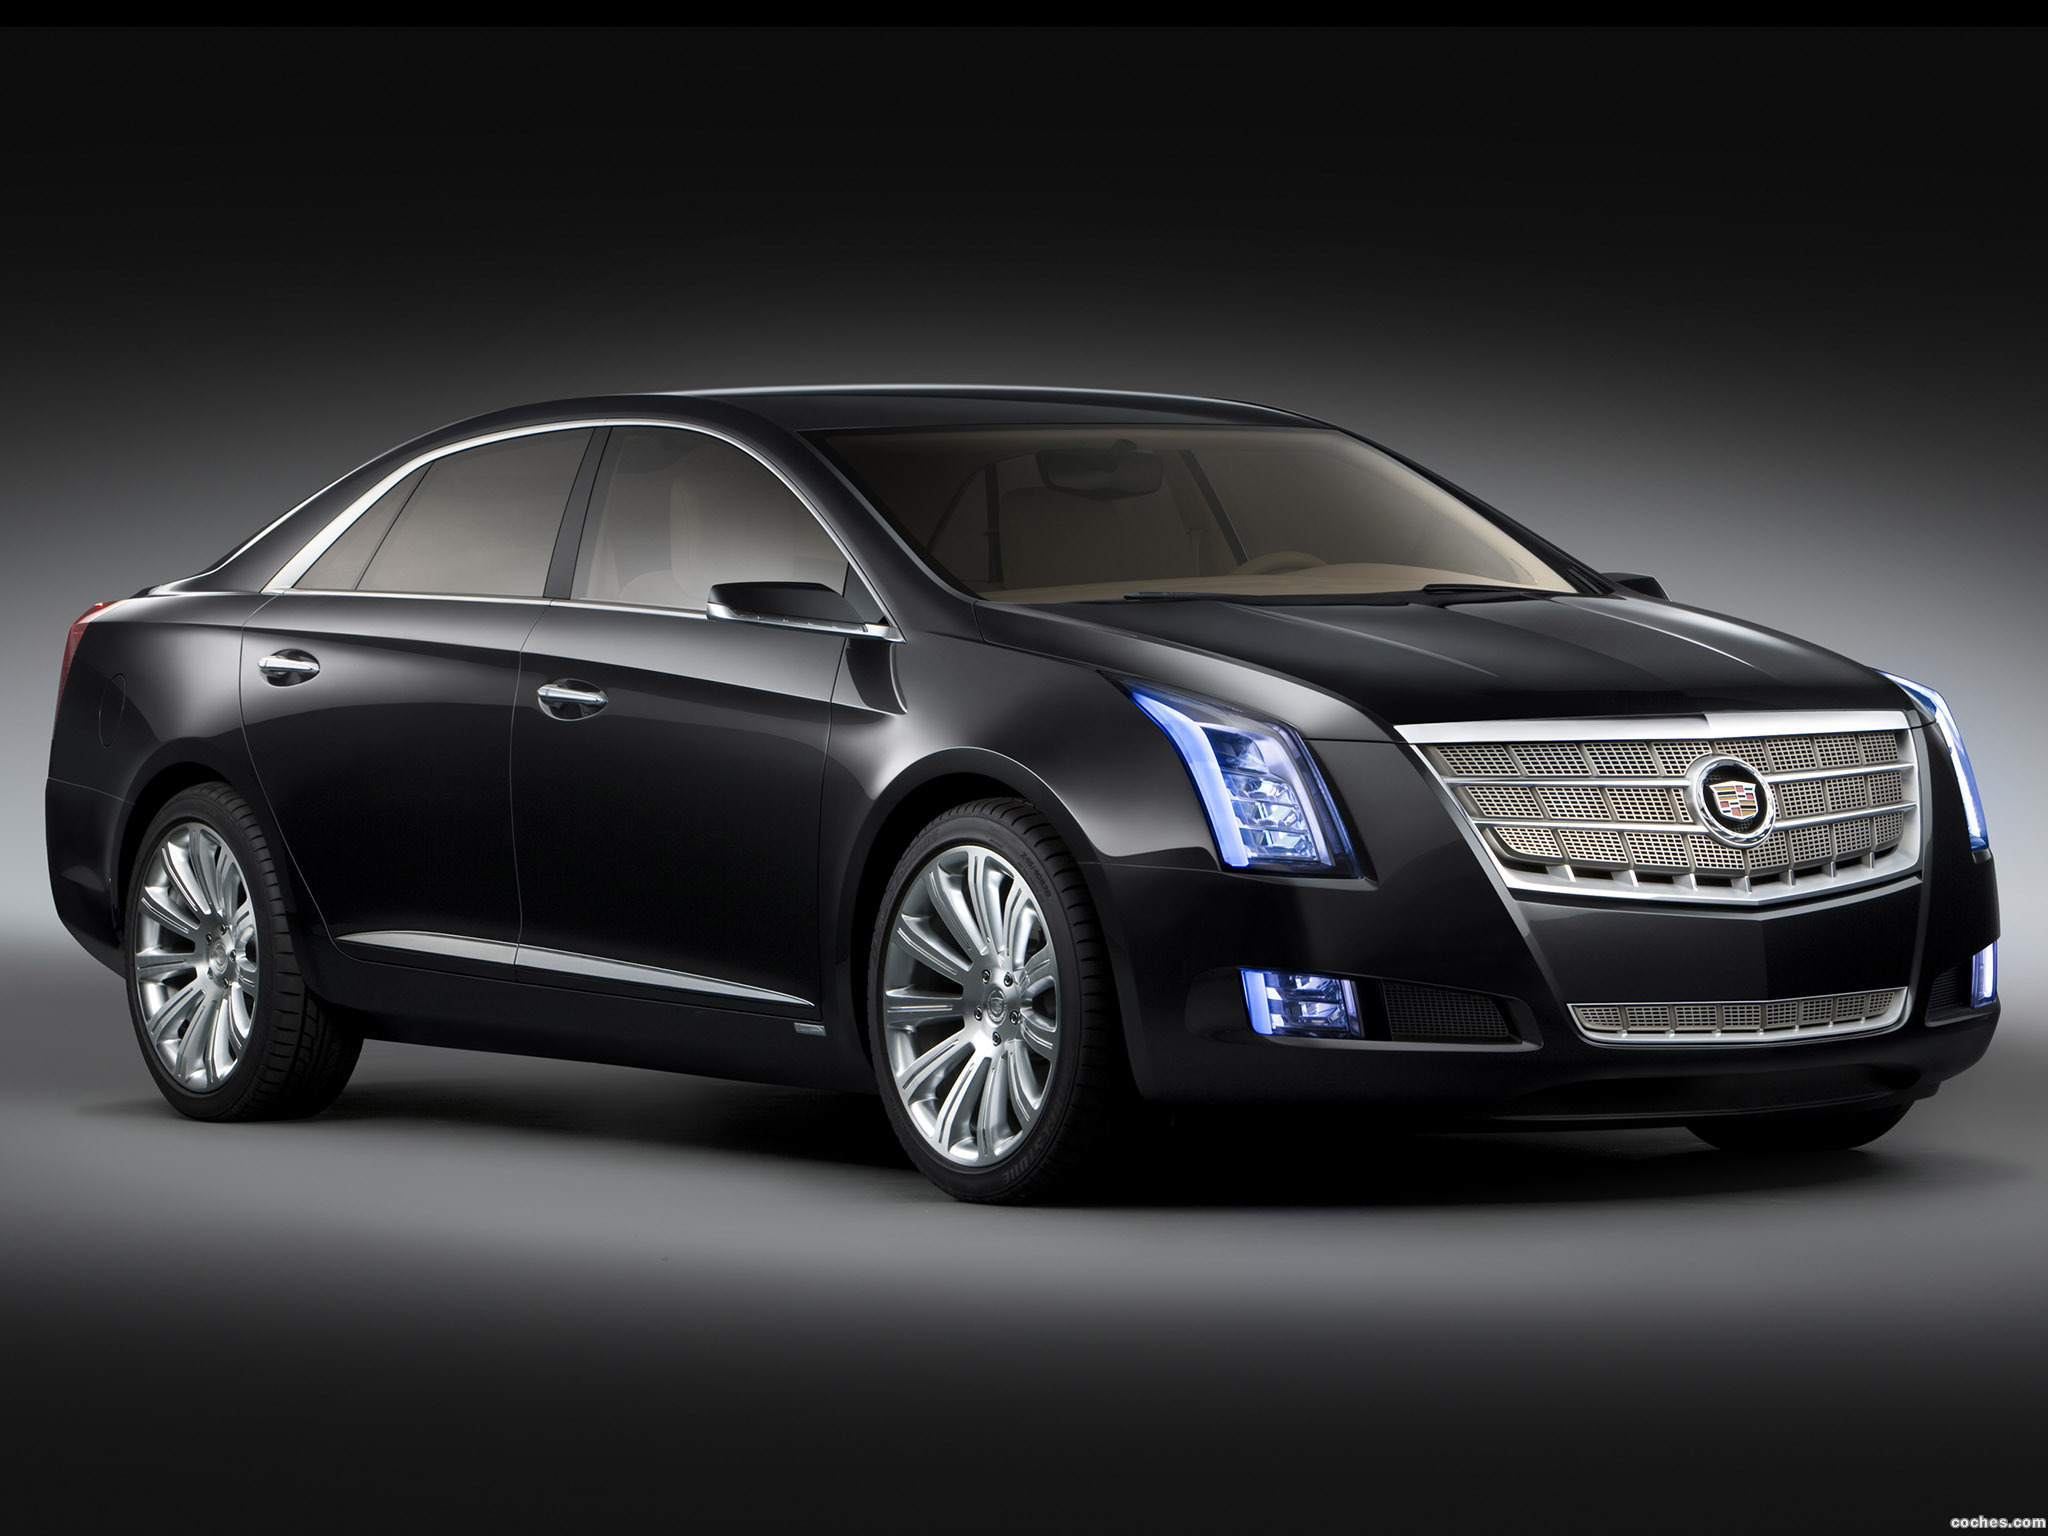 Foto 0 de Cadillac XTS Platinum Concept 2010